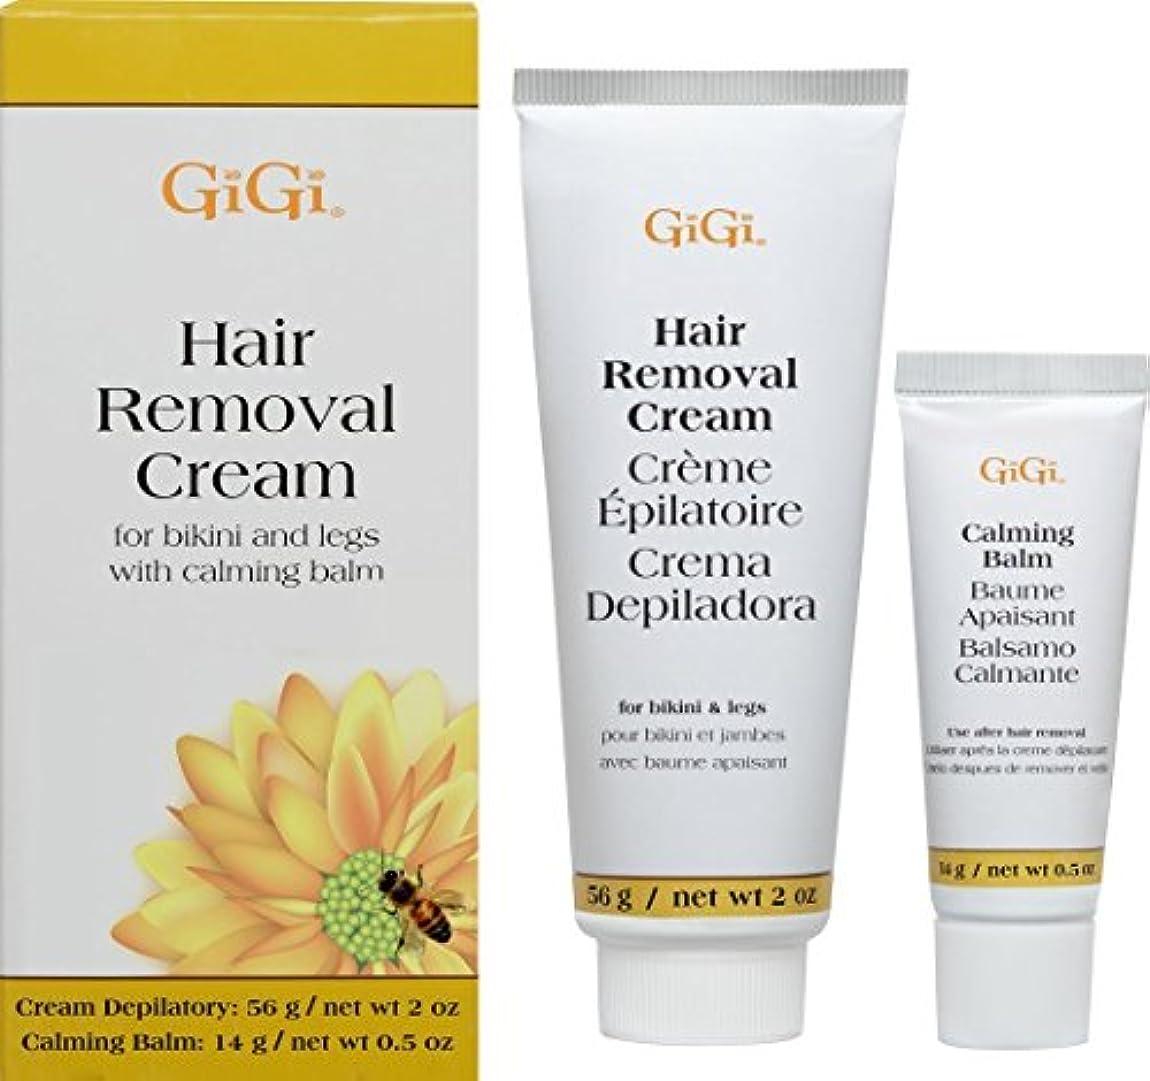 バランス建物皮肉な(1) - Gigi Hair Removal Cream W/Balm For Bikini & Legs